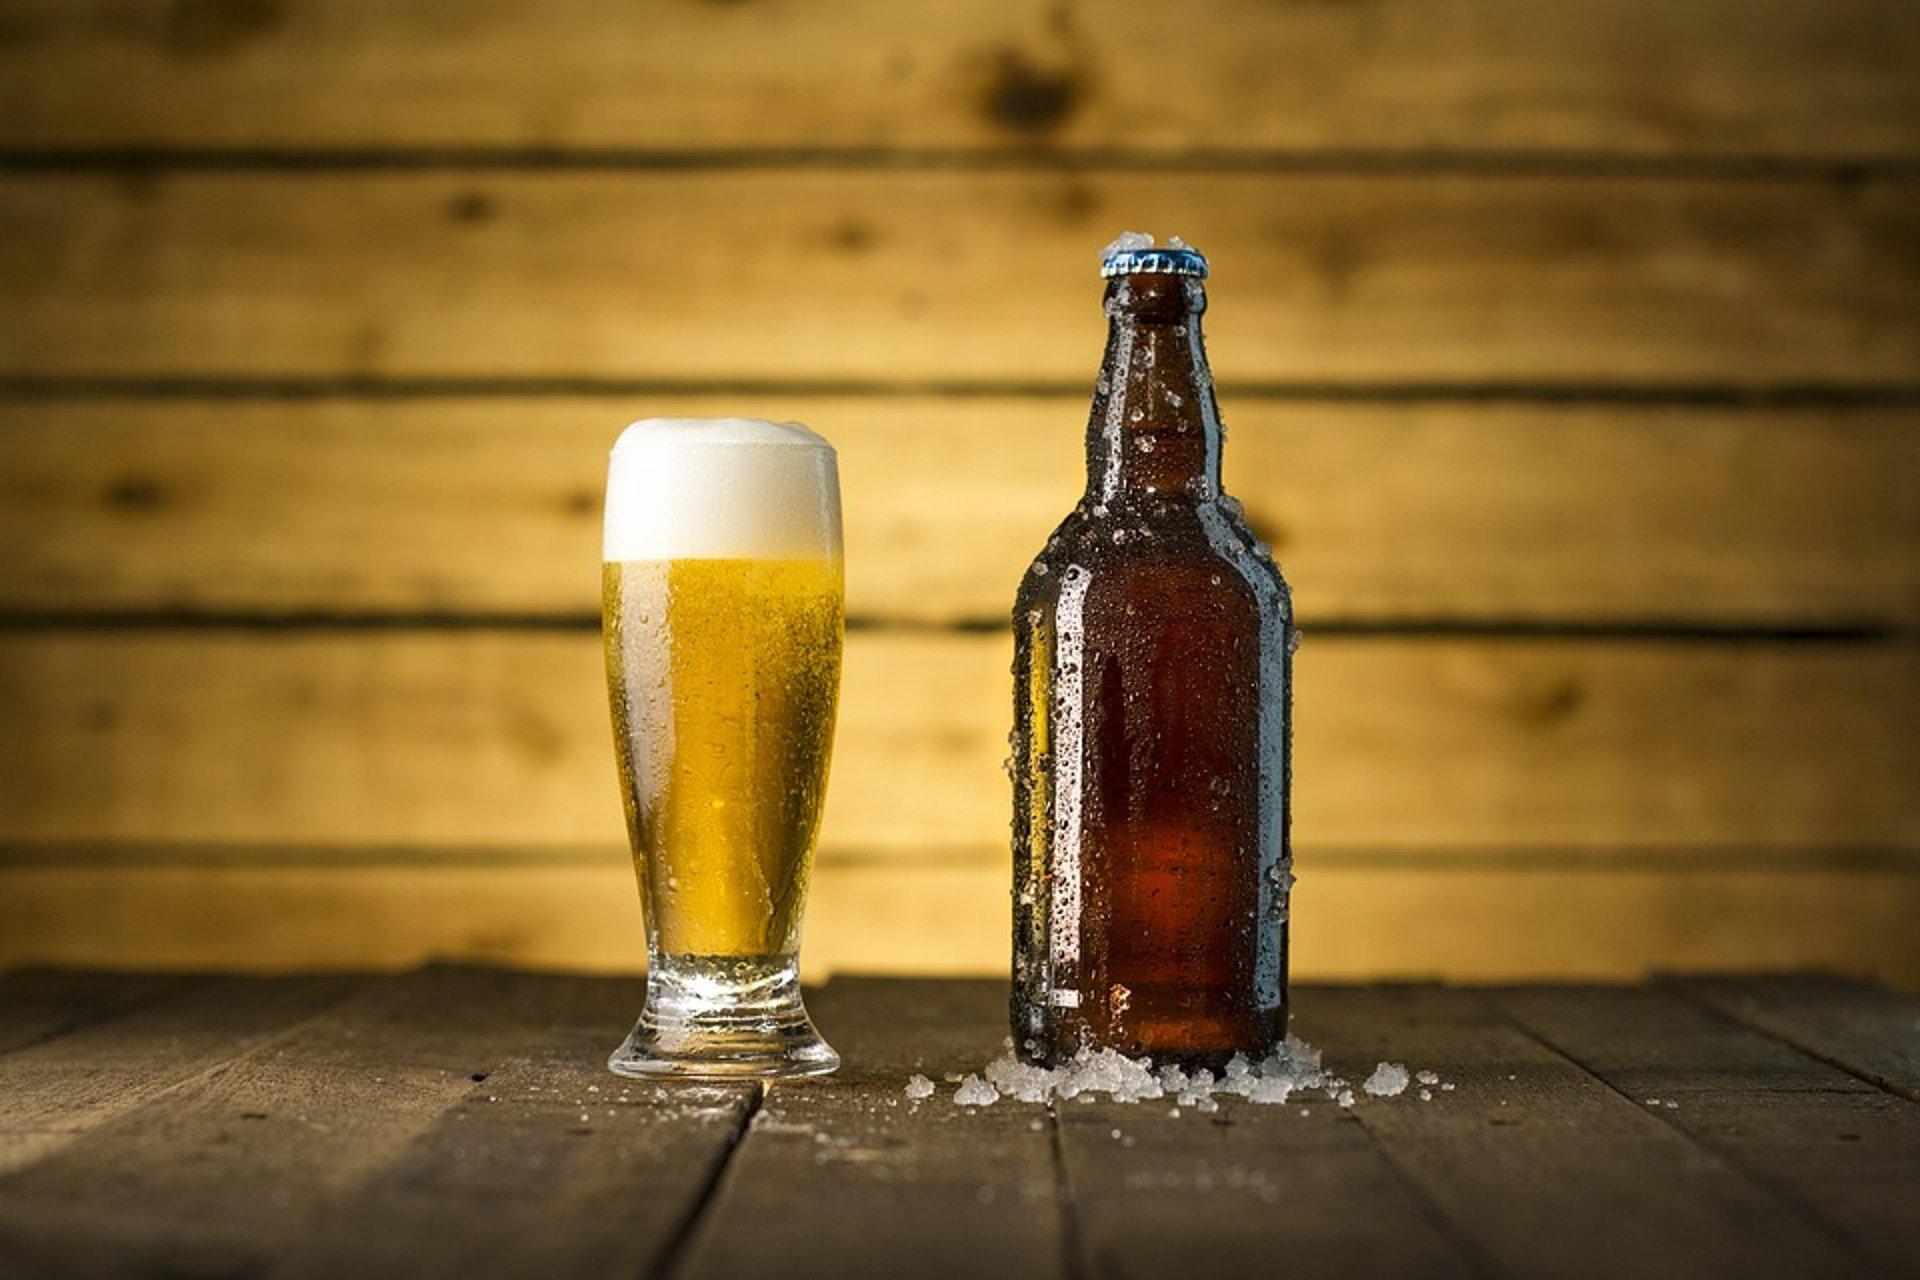 une bouteille et un verre de biere bien frais